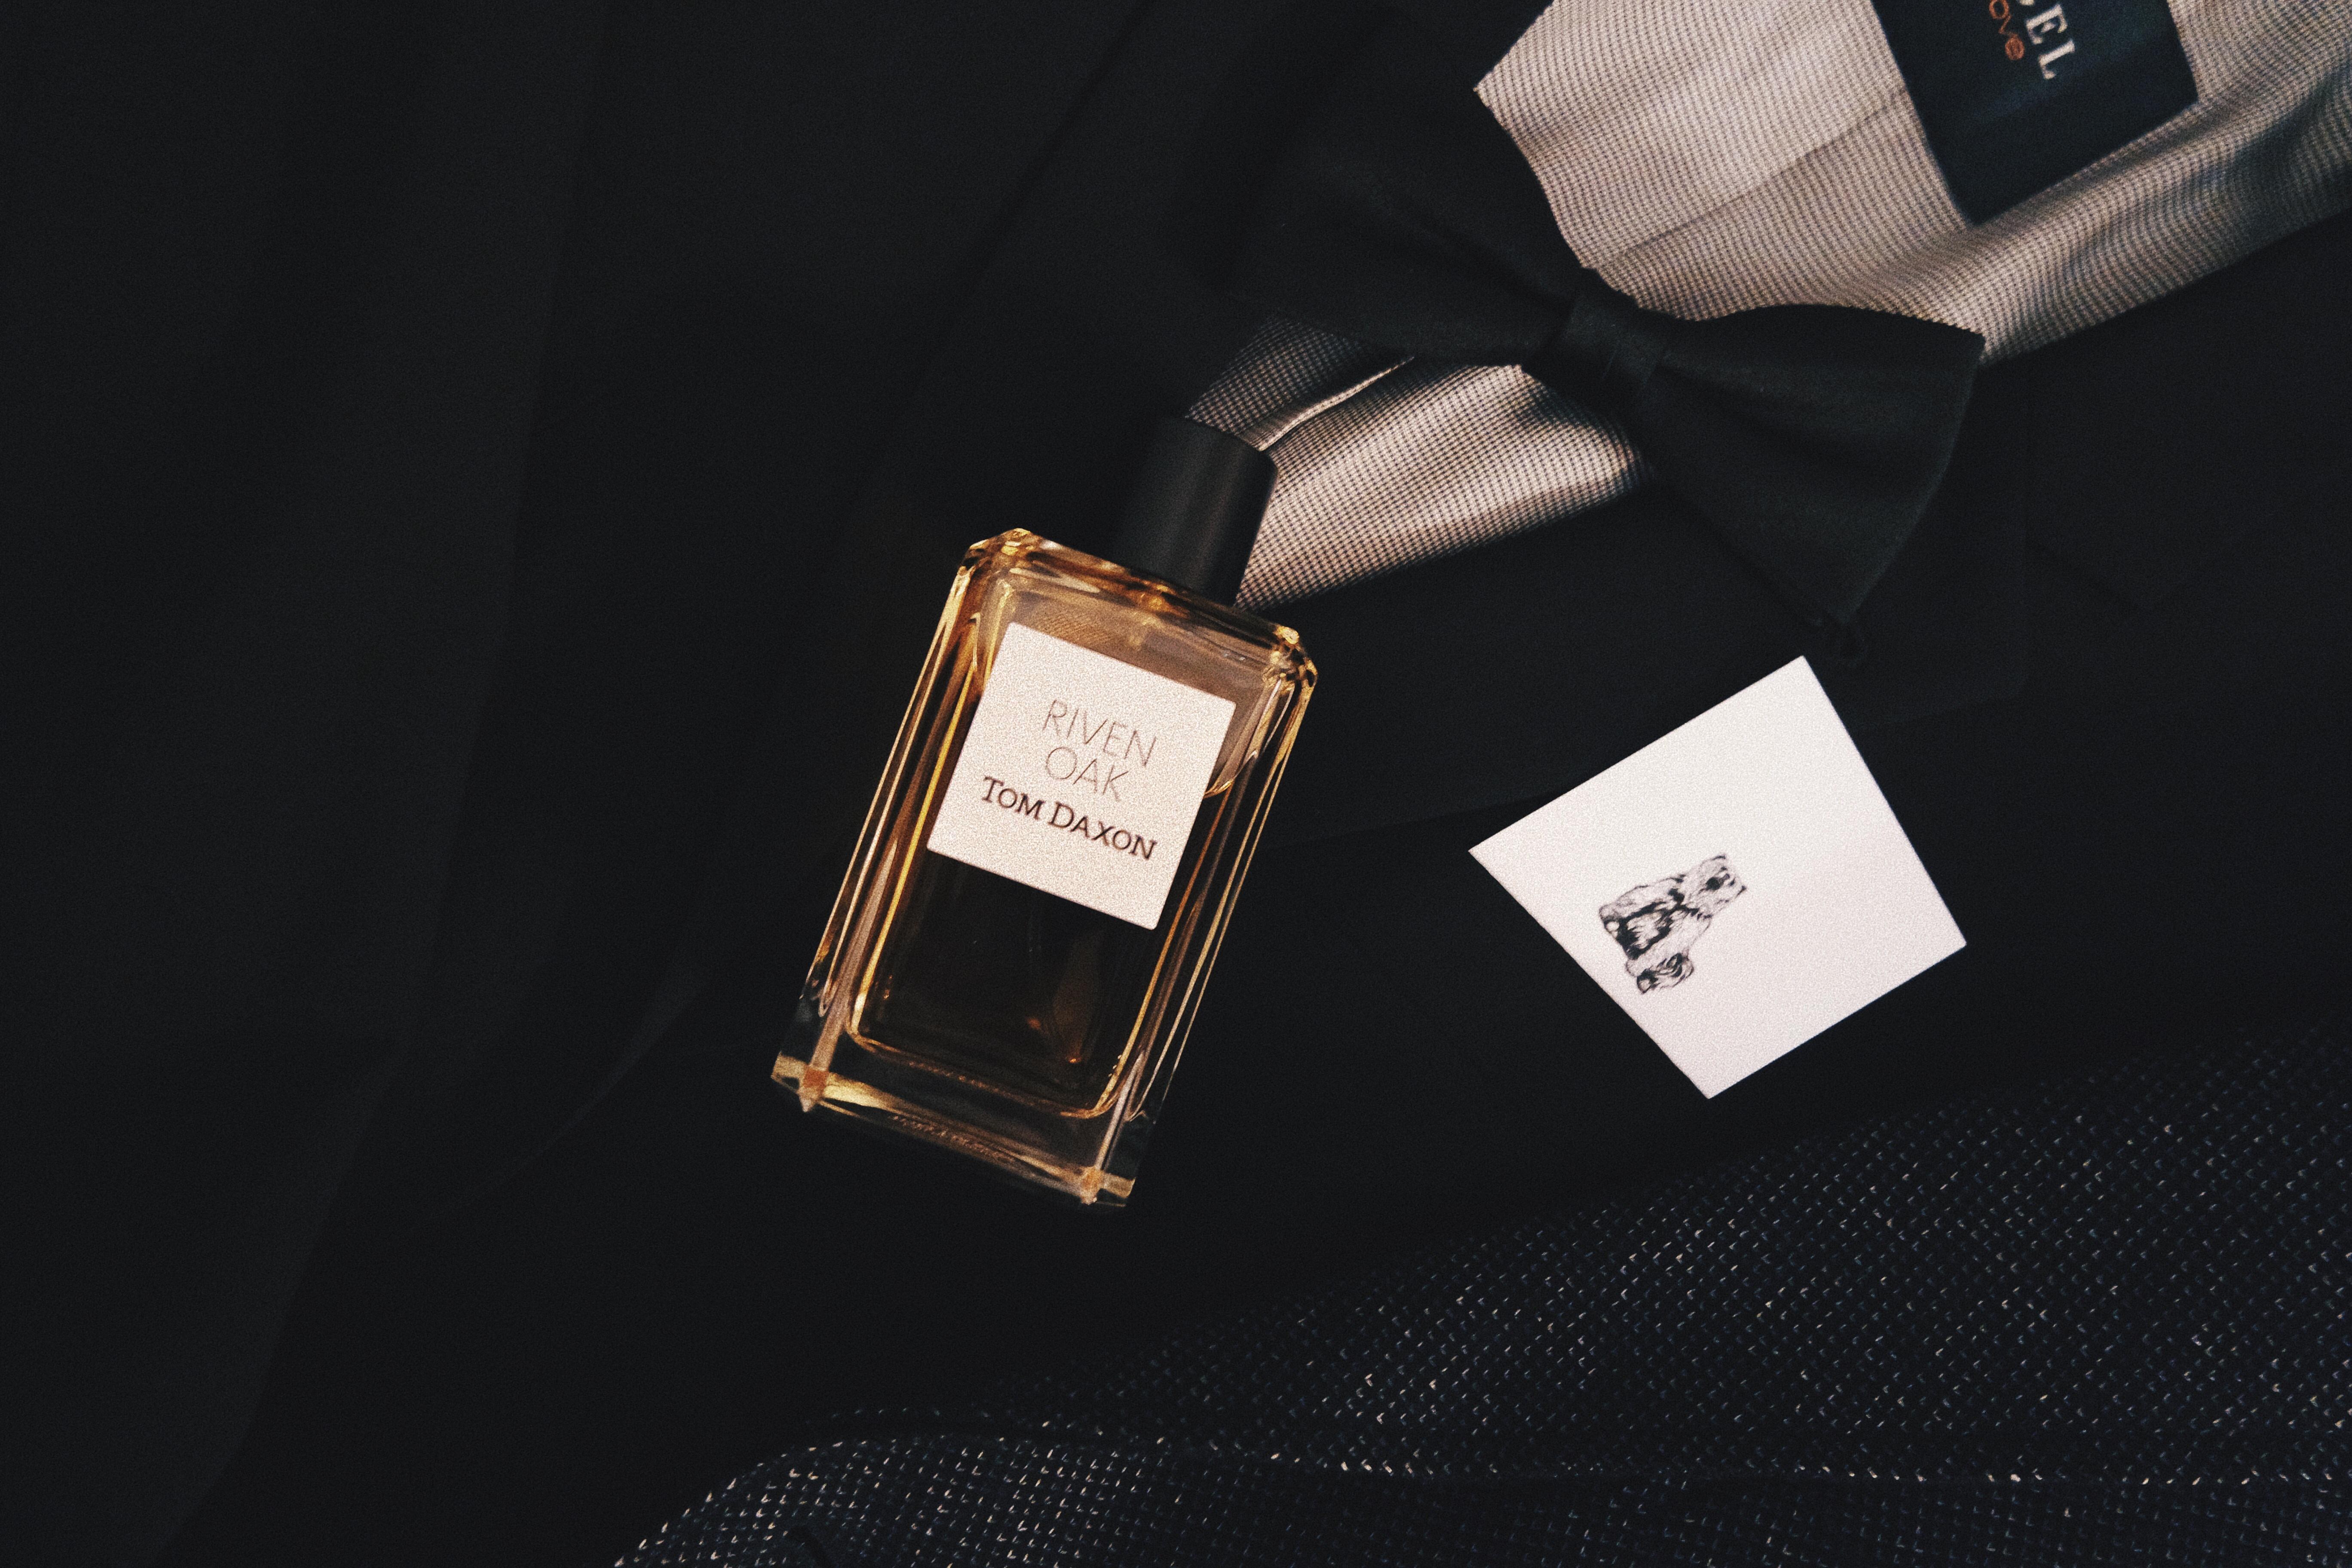 Fragrance   TOM DAXON – RIVEN OAK   Der perfekte Winterduft